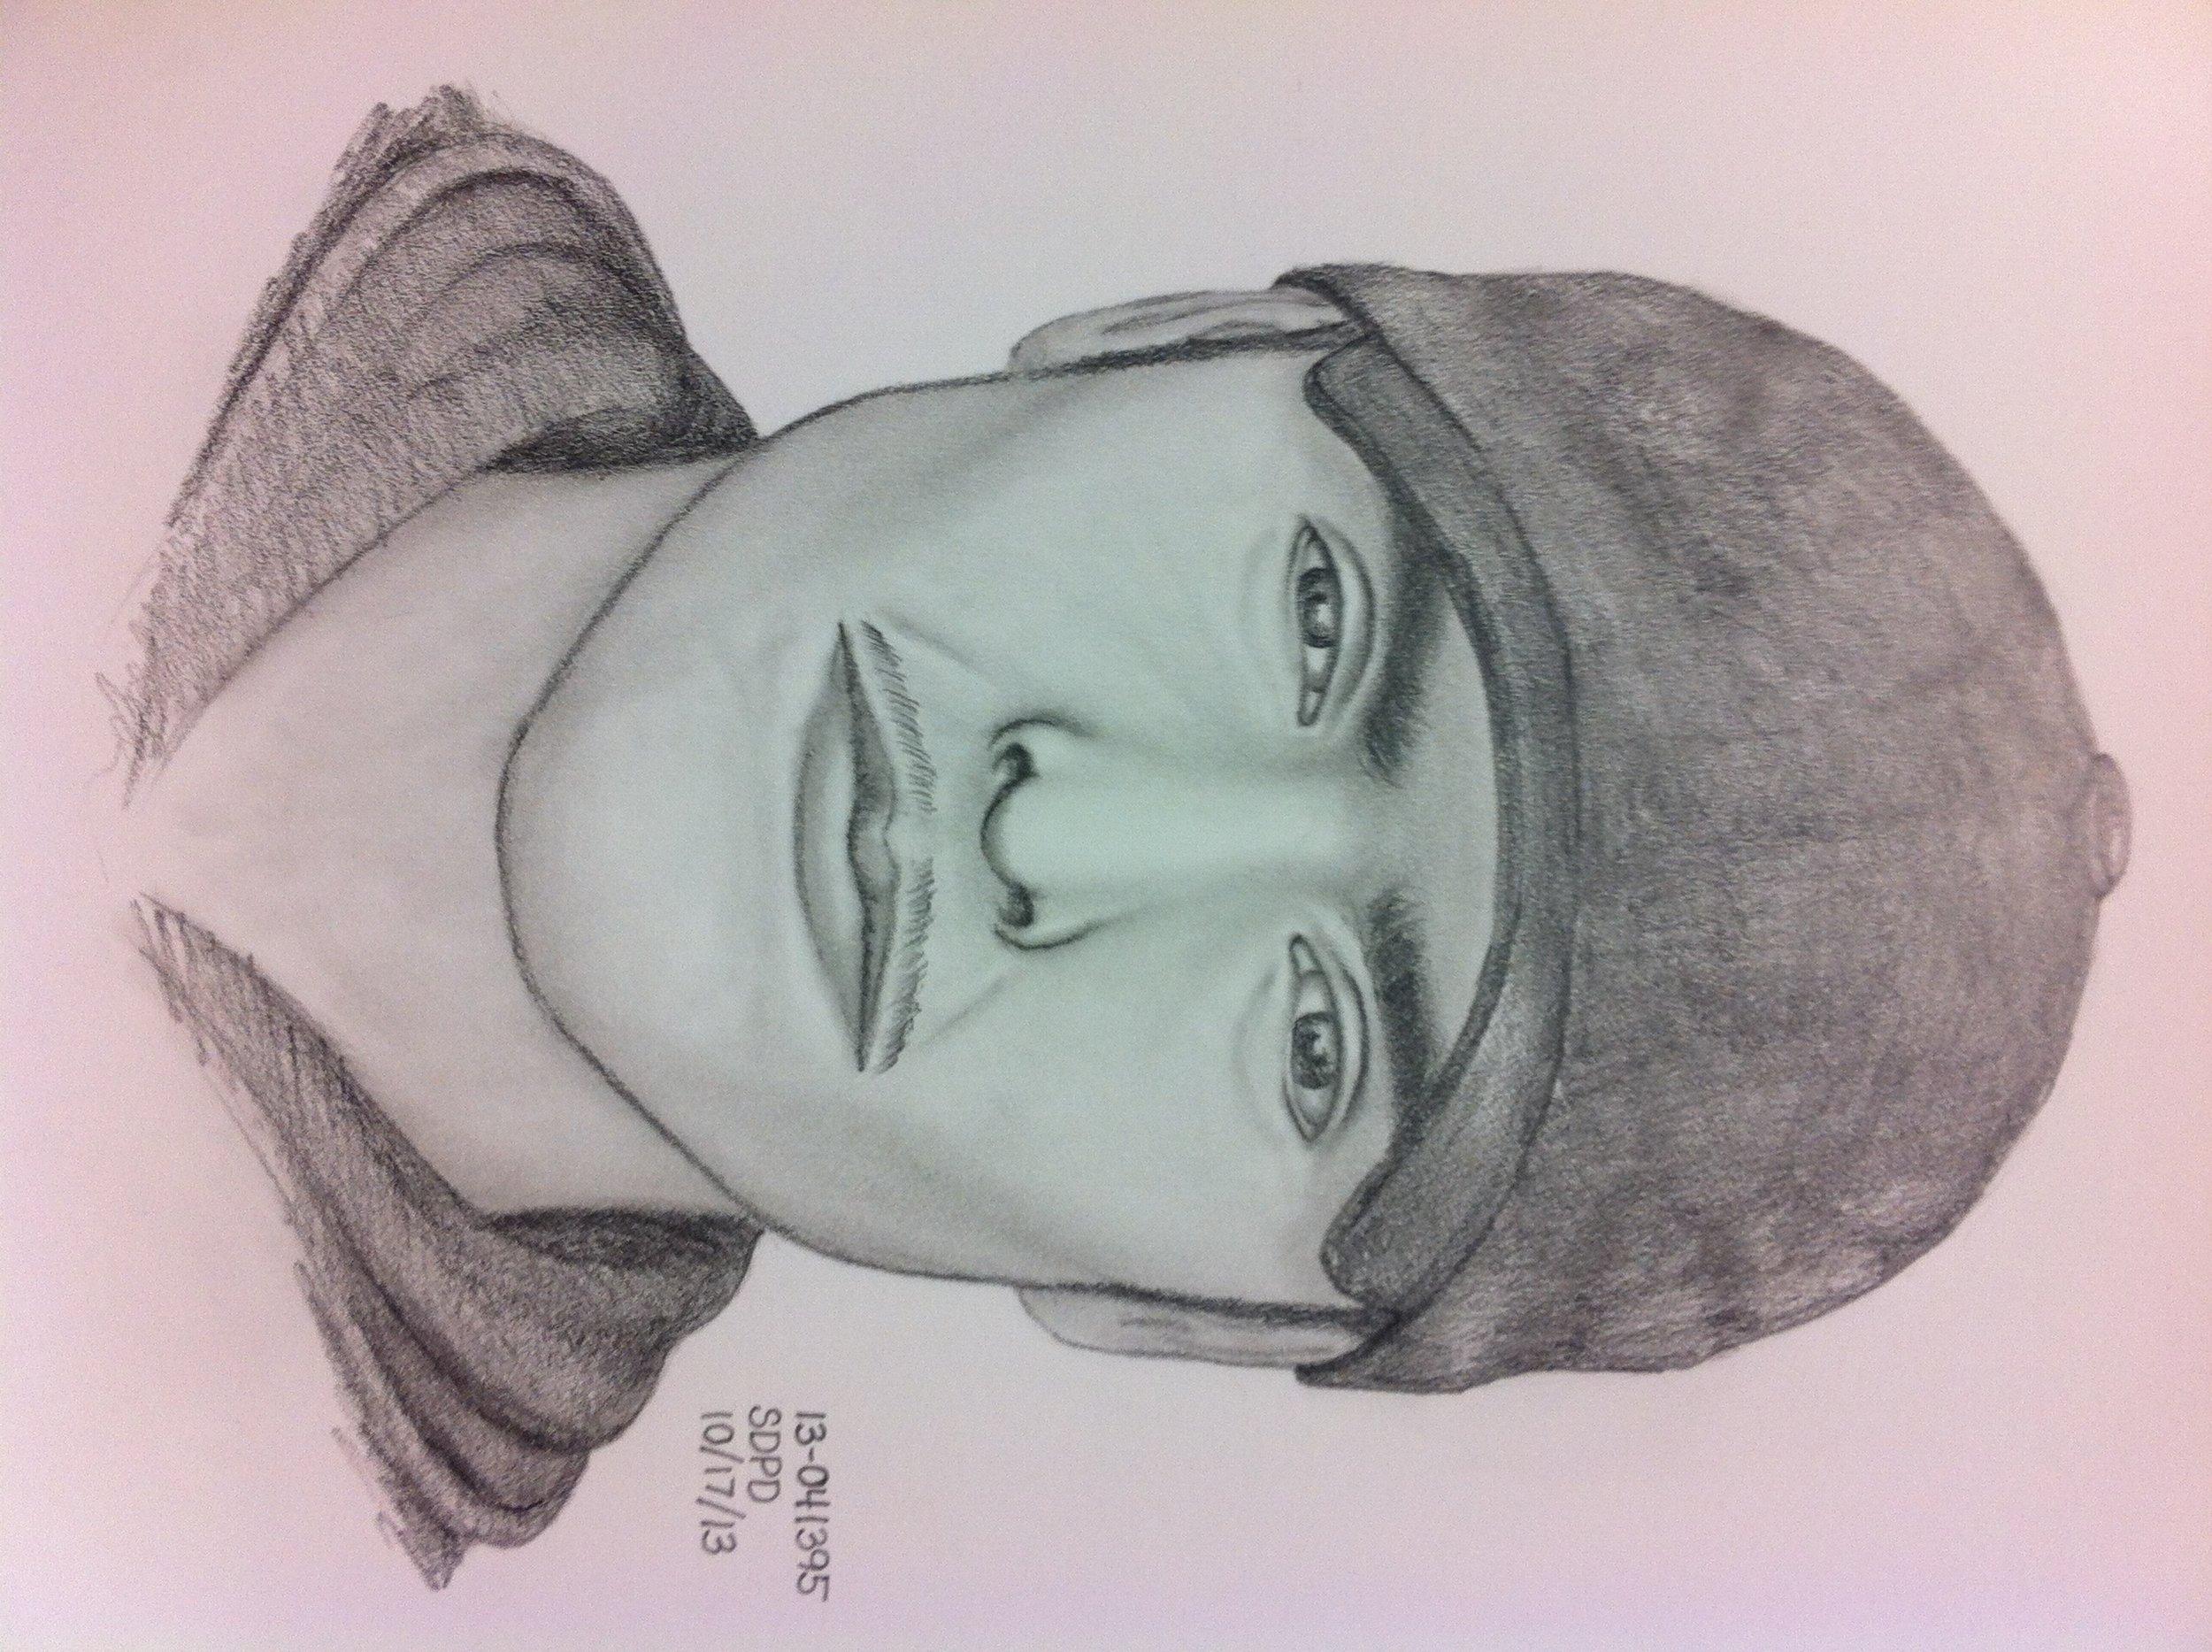 Chuck Owens 187 - Suspect Composite